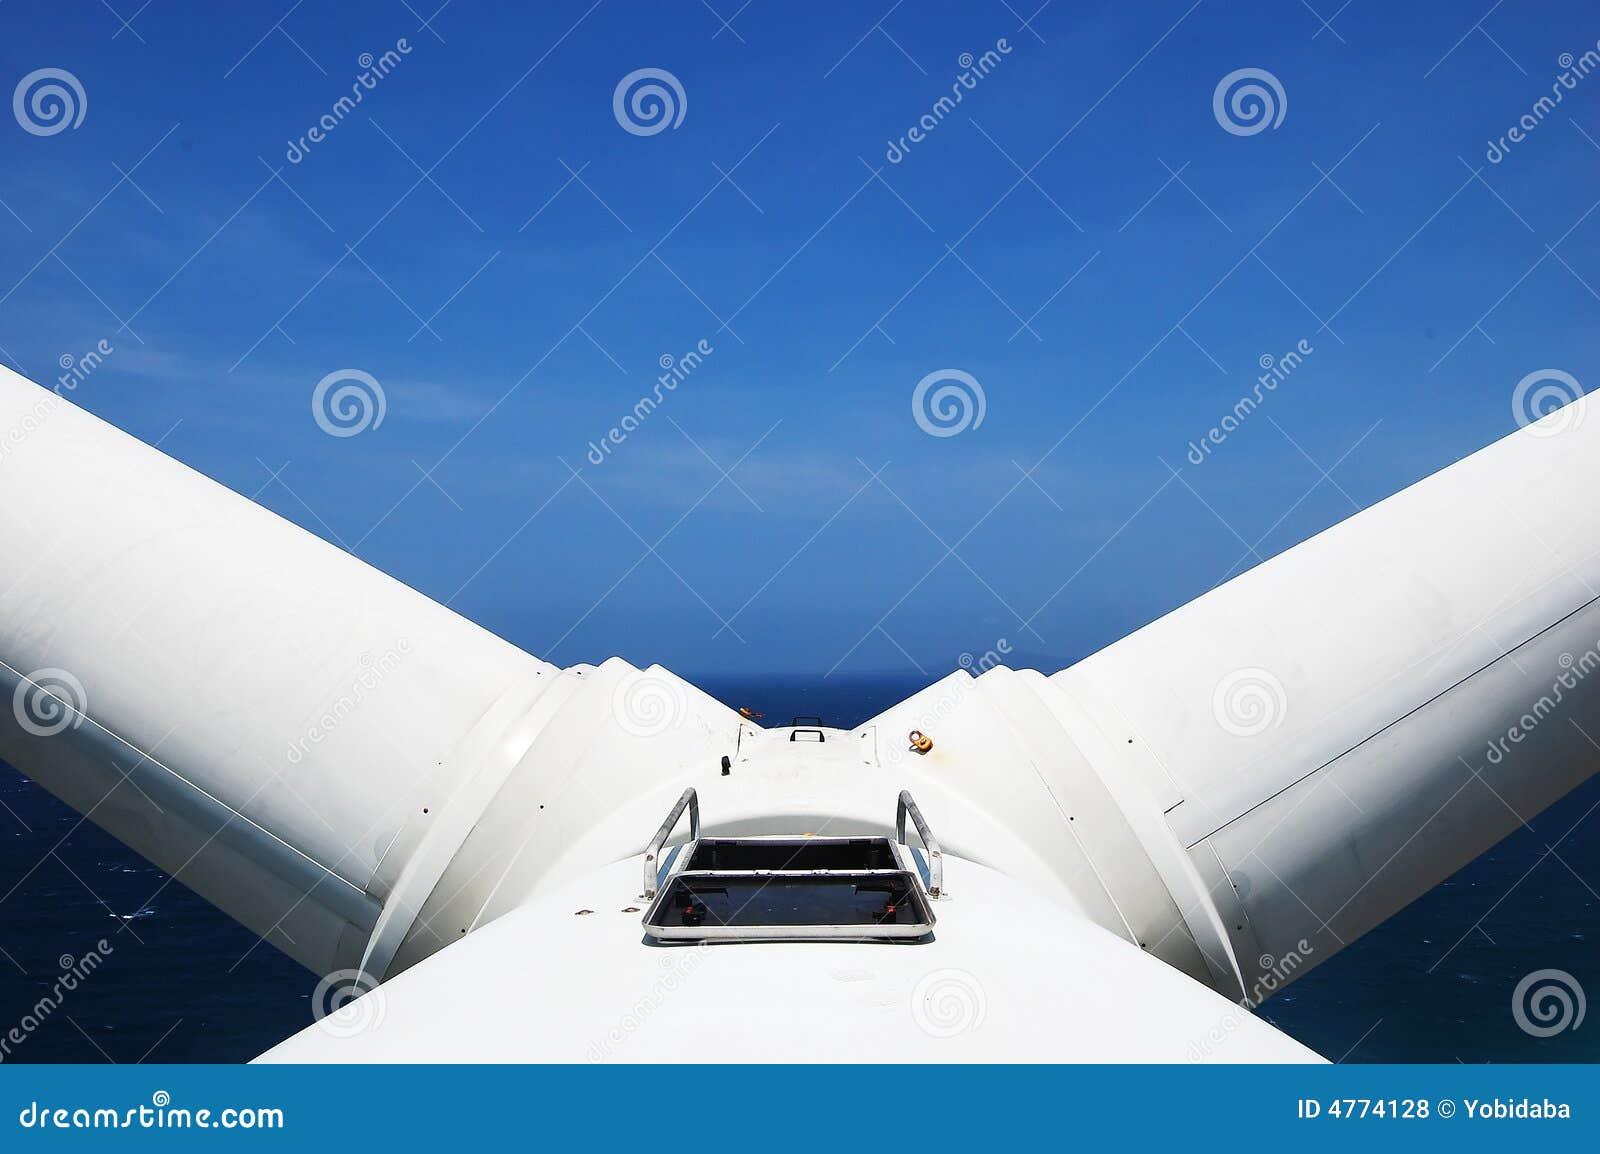 Windturbine in v-Stellung